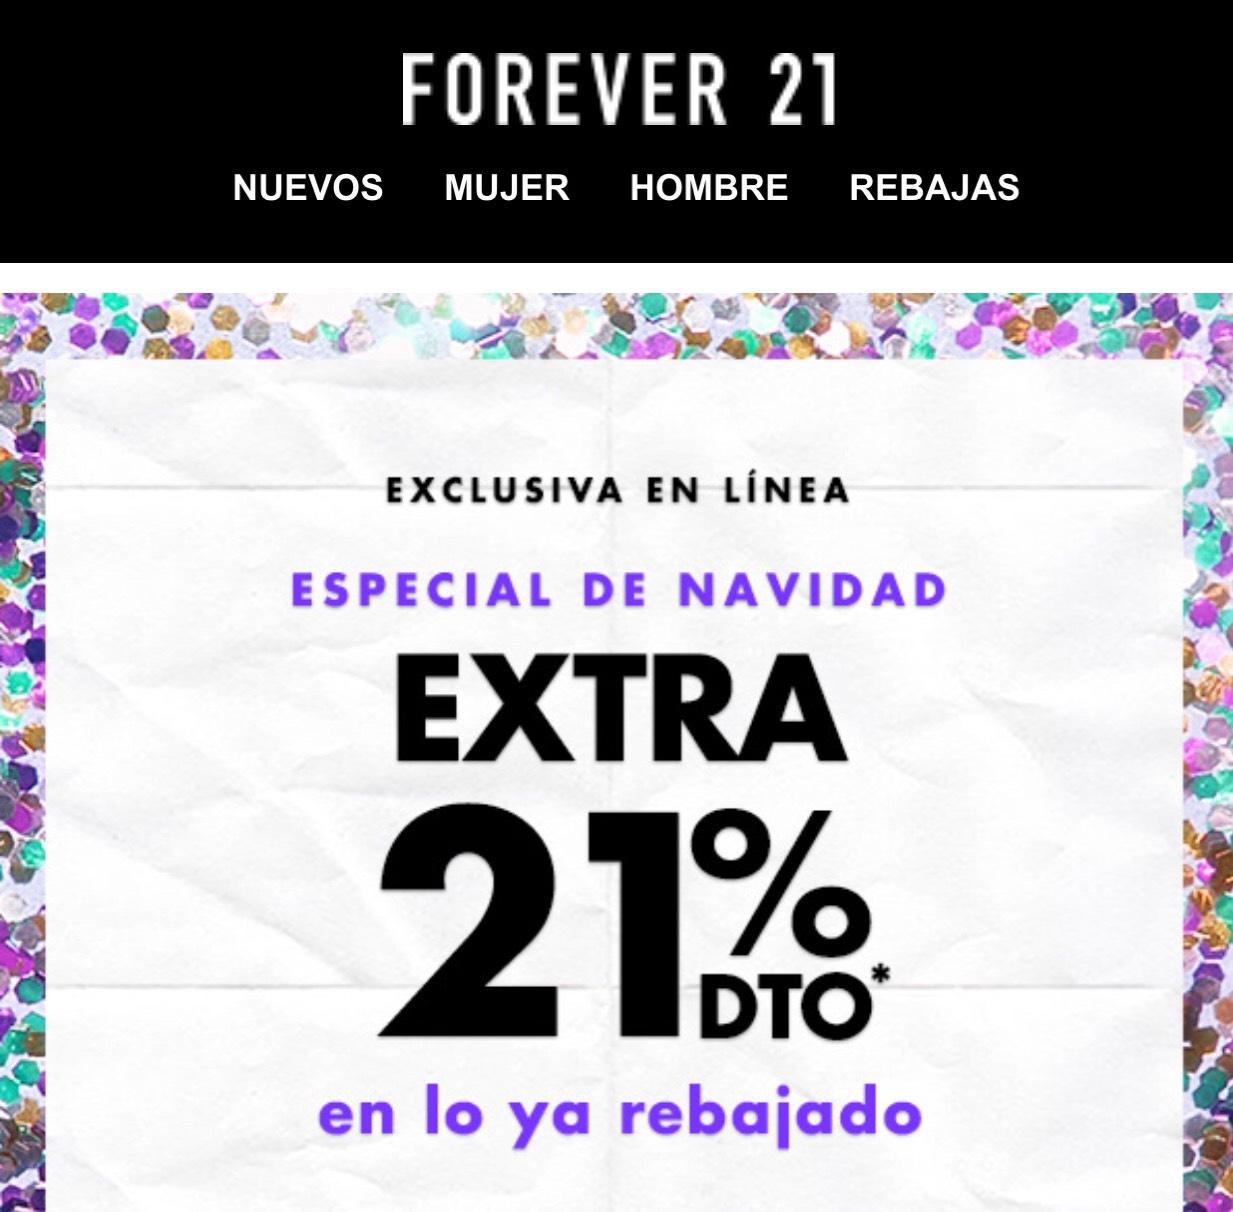 Forever 21: 21% de descuento en lo ya rebajado Exclusiva en Línea